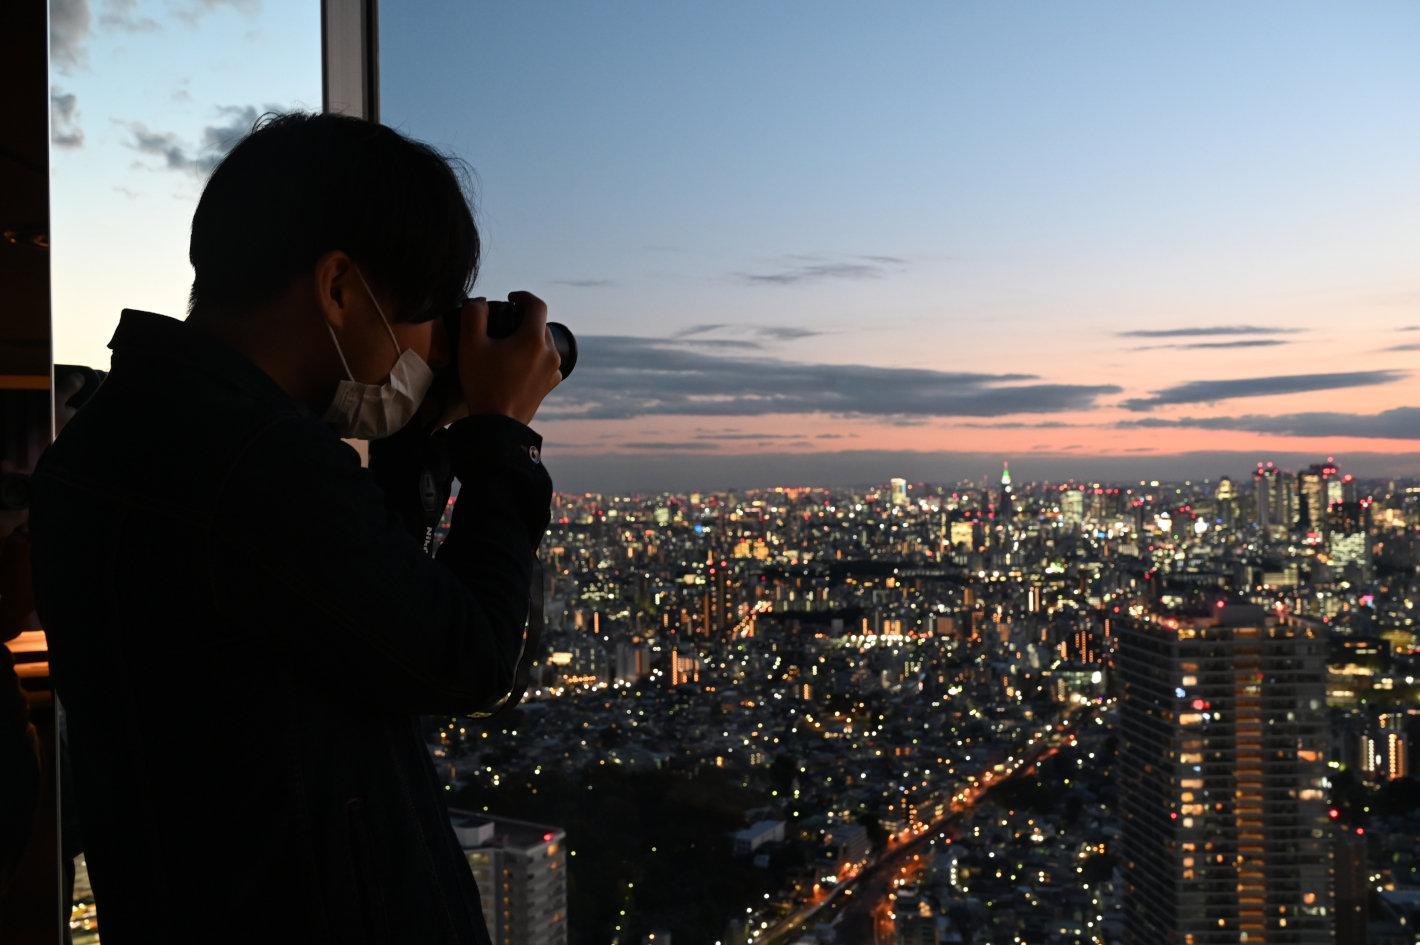 はじめてでもきれいに撮れる夜景写真 - 撮影の基本ポイントと魅力的に写すコツ